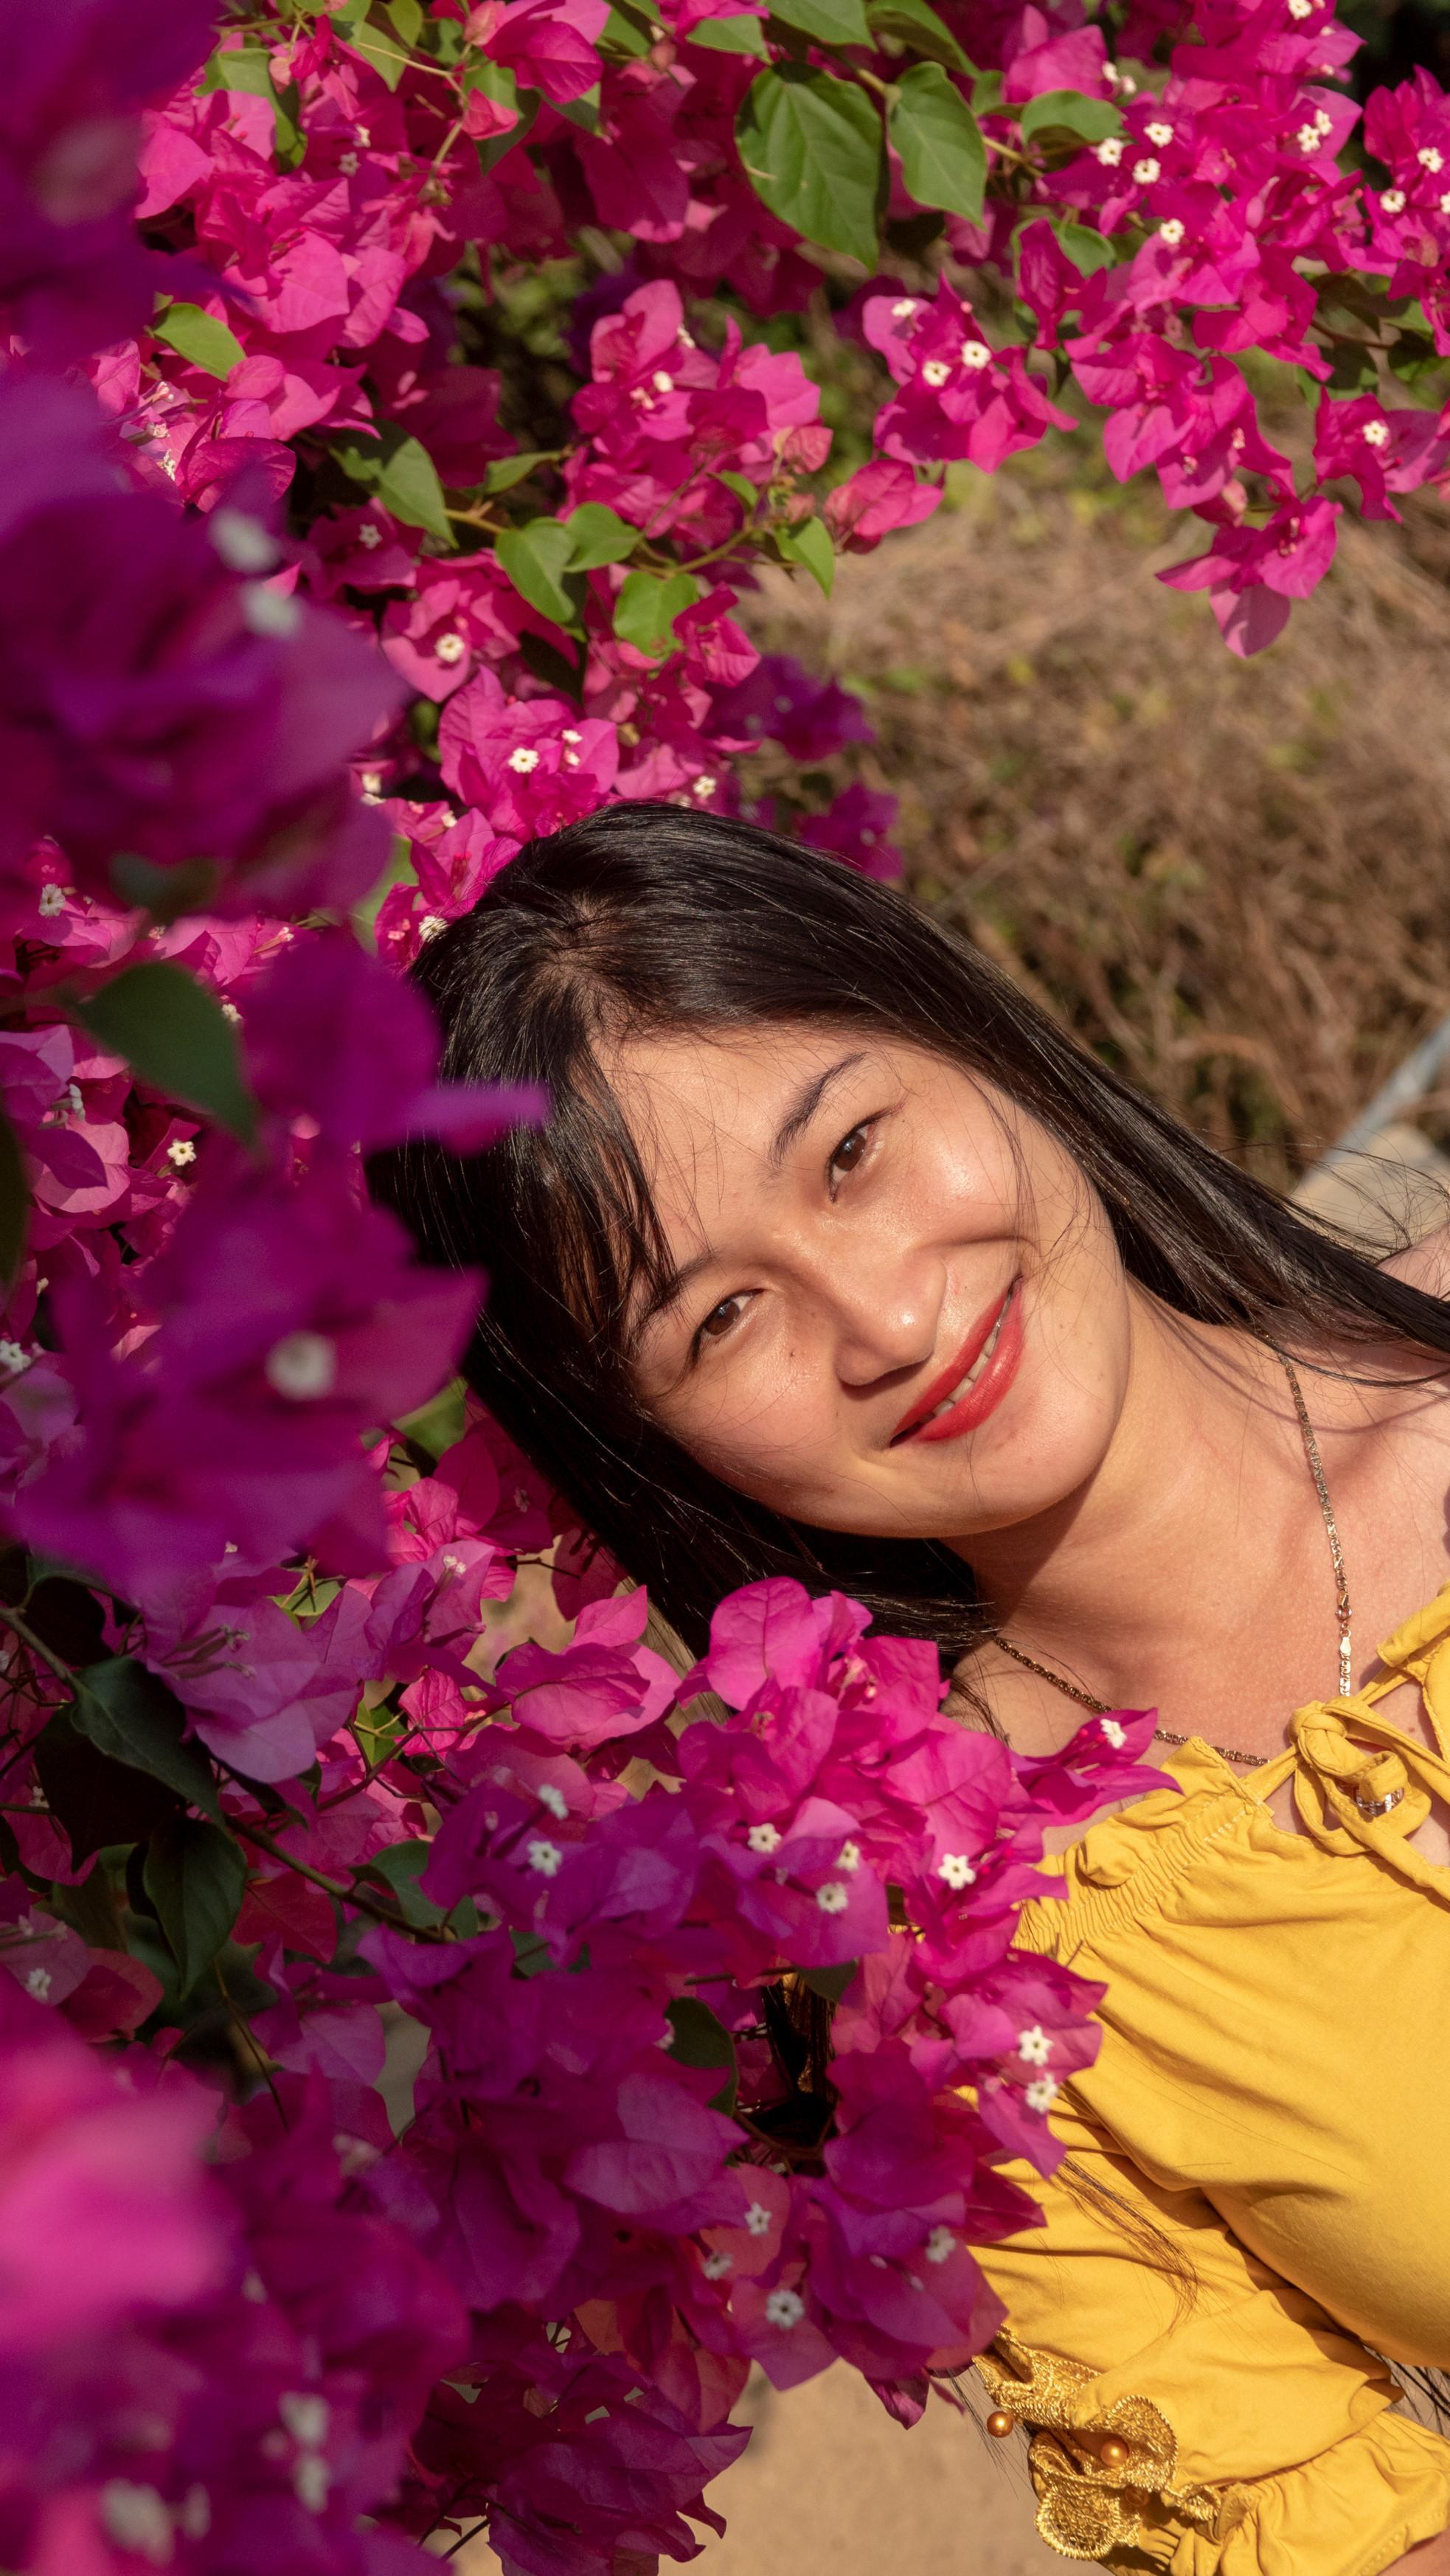 Chiêm ngưỡng 'cụ' hoa giấy trăm triệu ở đảo Lý Sơn Ảnh 7